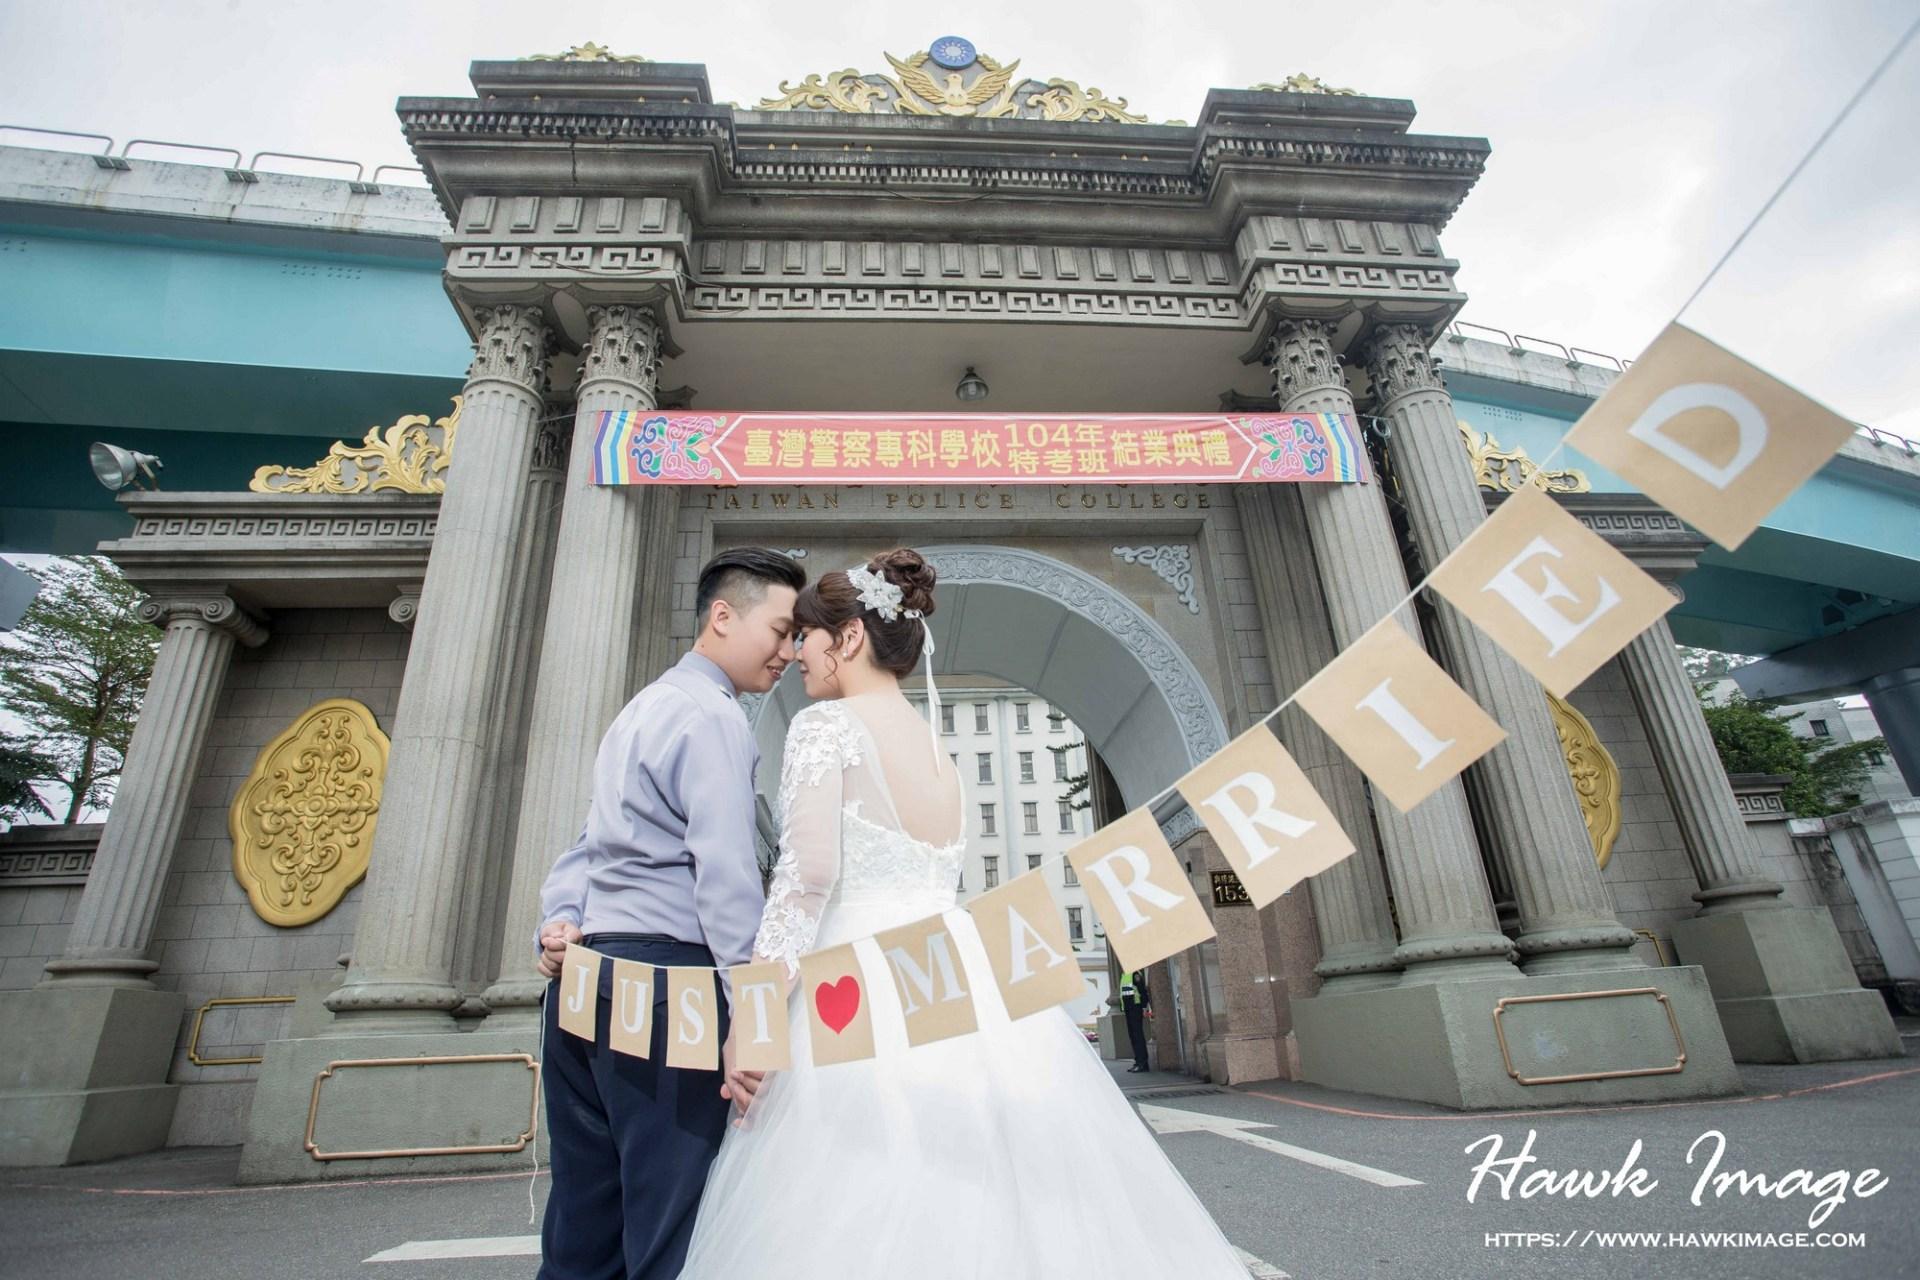 婚紗攝影,自助婚紗,拍婚紗,婚紗照,婚紗照風格,婚紗照景點,婚紗攝影推薦,台灣拍婚紗,臺北拍婚紗 童趣與復古風婚紗景點推薦